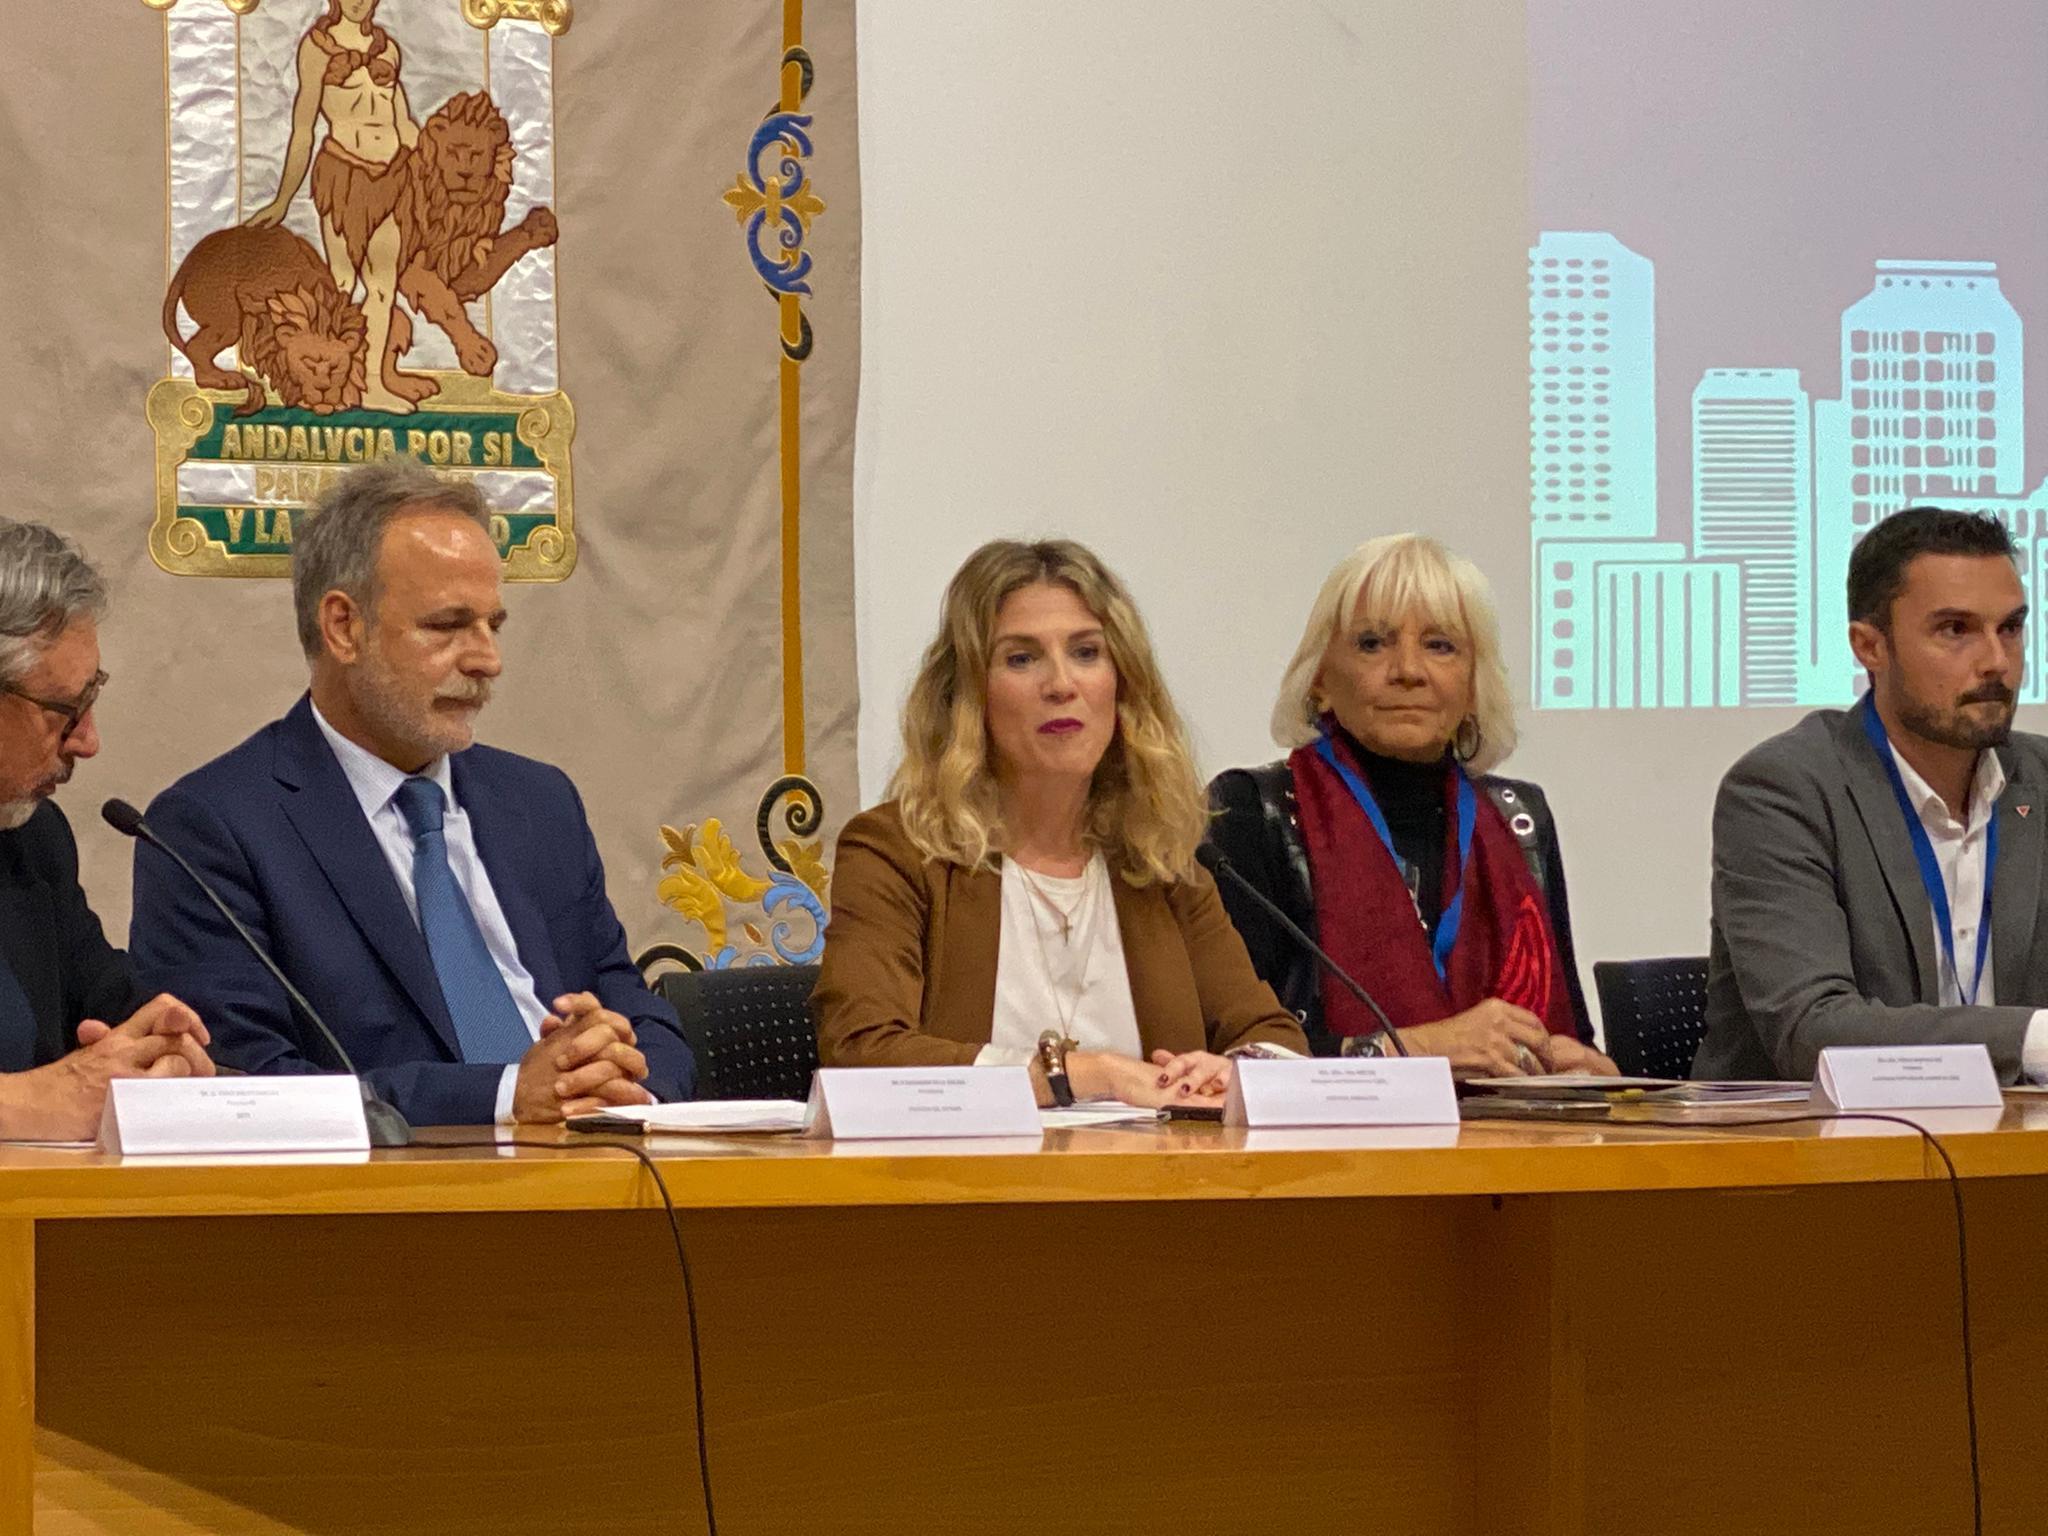 Cádiz acoge el 32º Encuentro de la Asociación para la colaboración entre puertos y ciudades